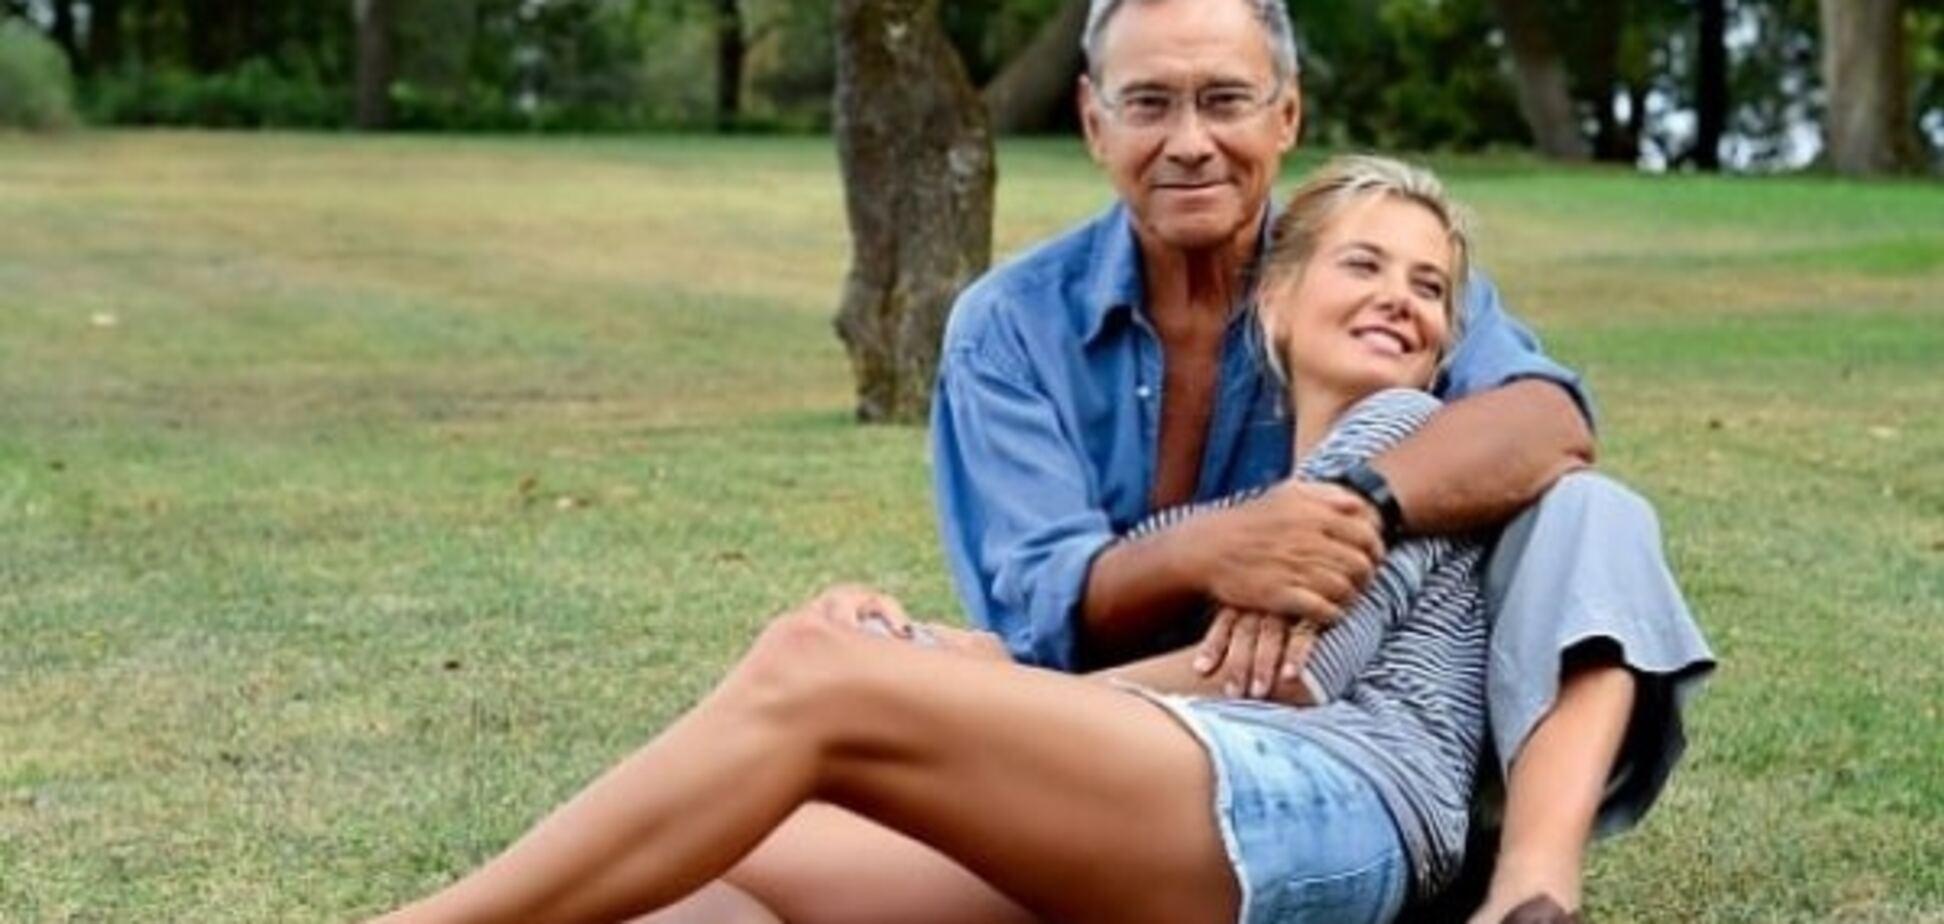 История любви Андрея Кончаловского и Юлии Высоцкой: 36 лет разницы в возрасте - еще не испытание